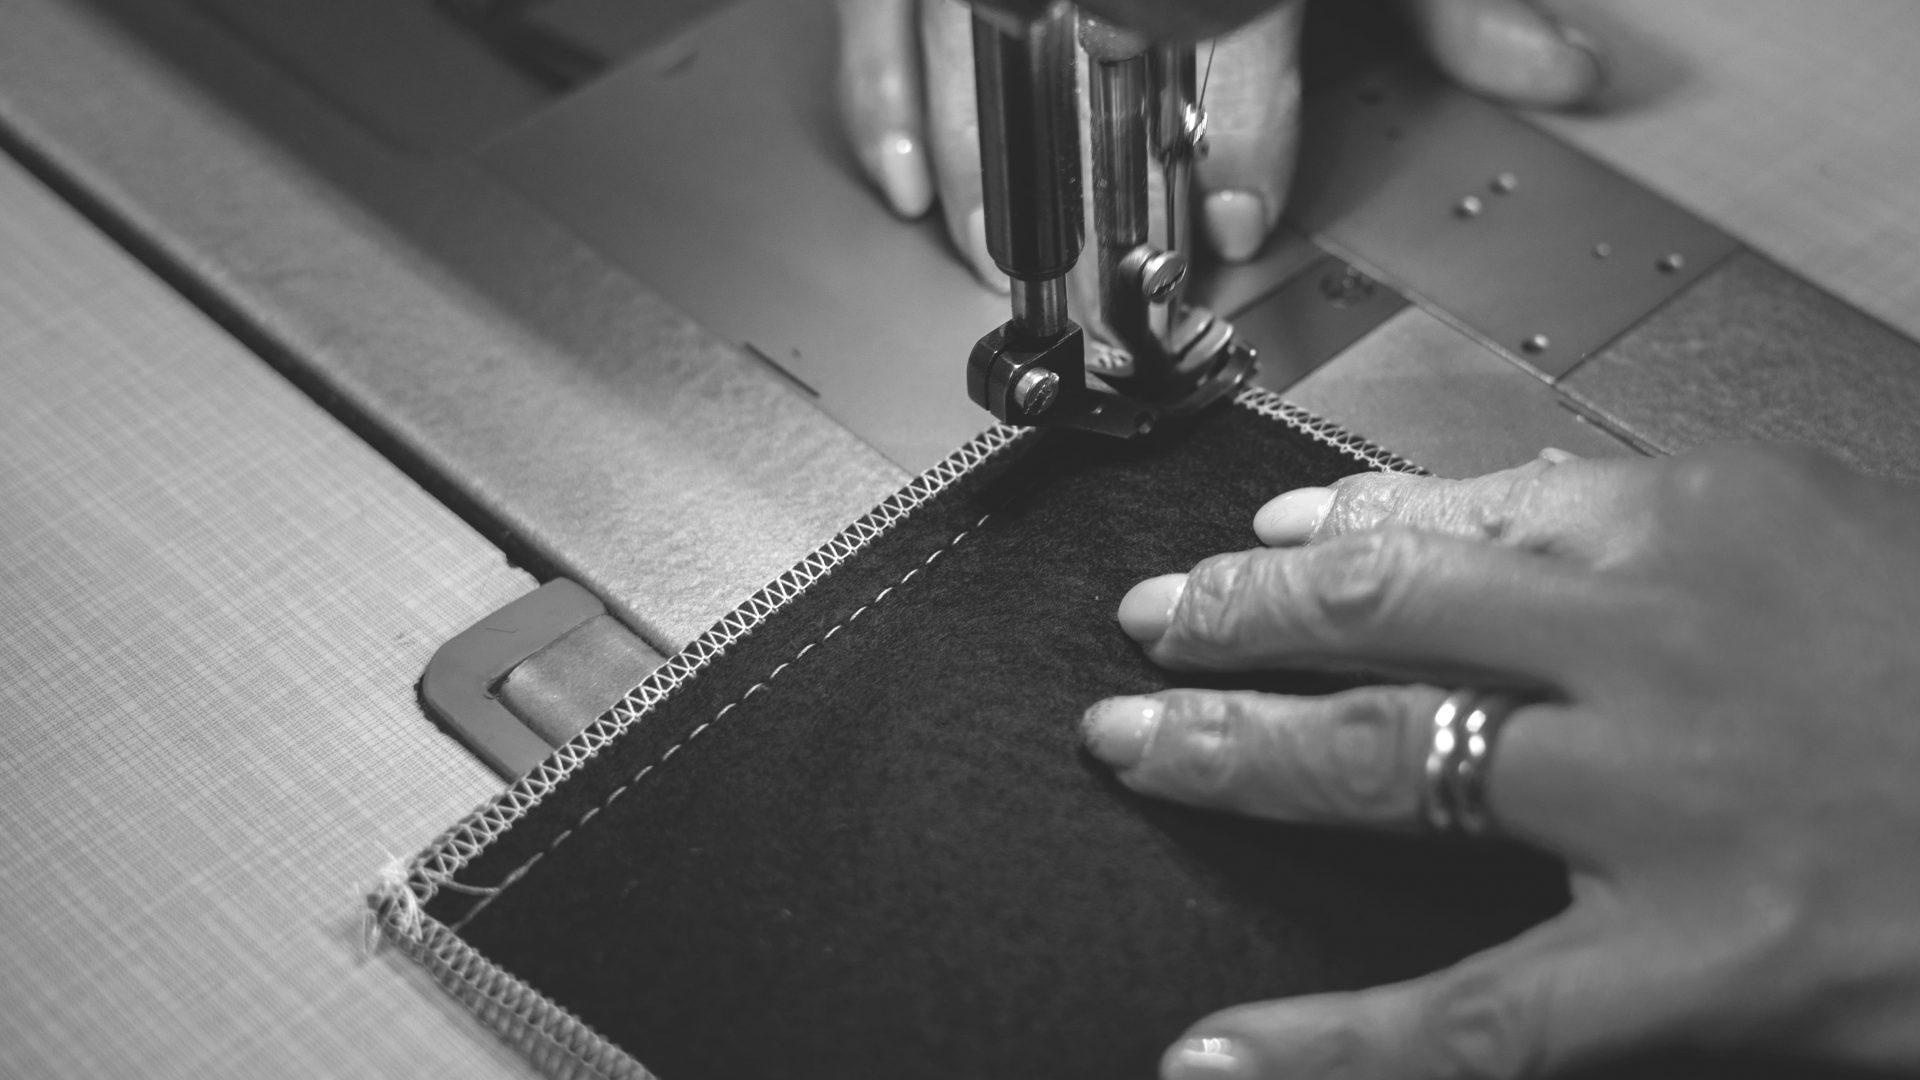 brenna salotti laboratorio divani artigianali fatti a mano 02